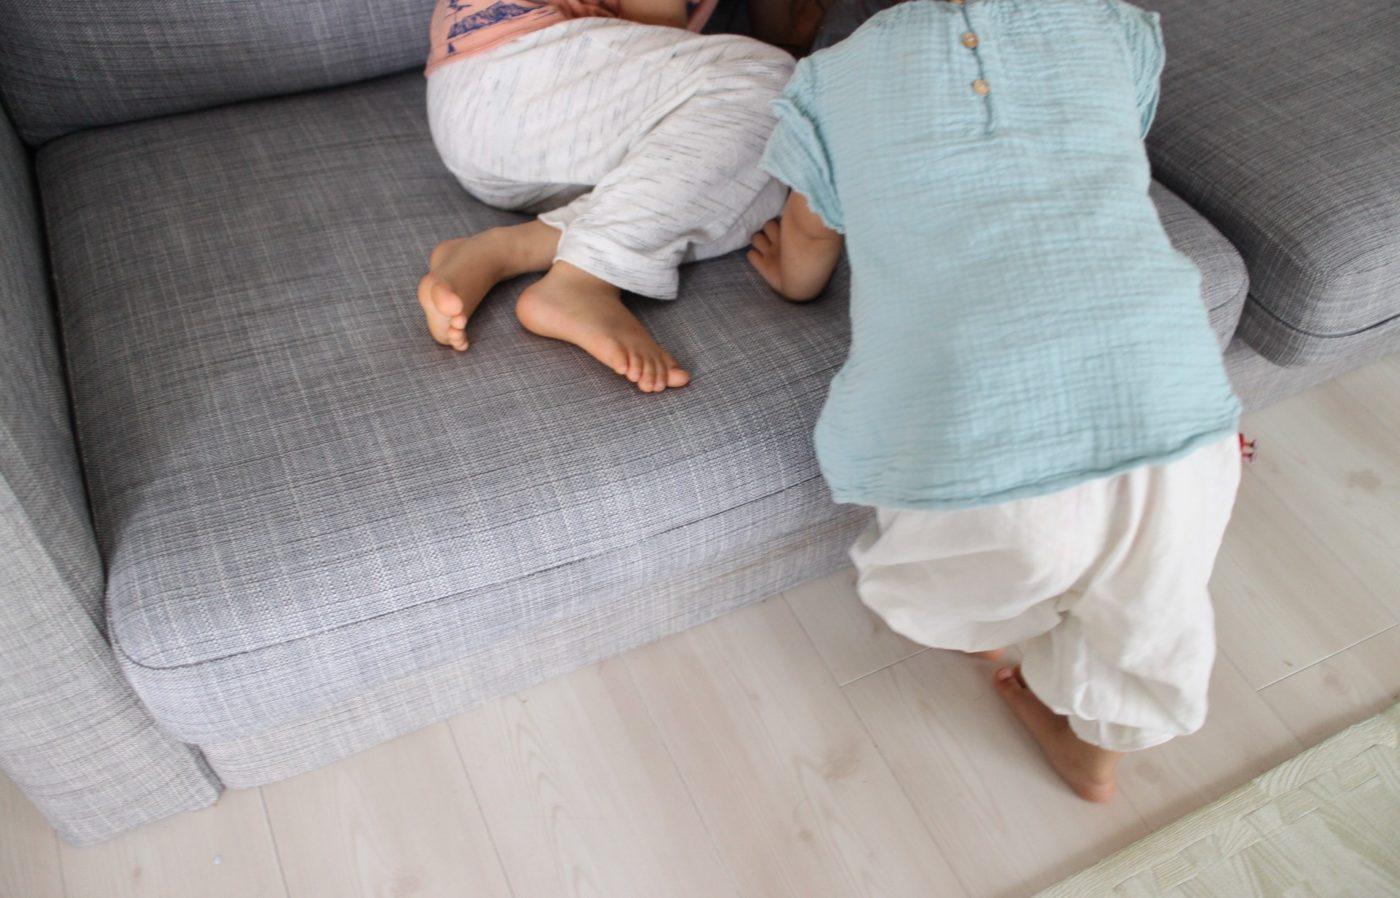 主婦がたまに子供を預けてリフレッシュってそんなに単純じゃないかも。。